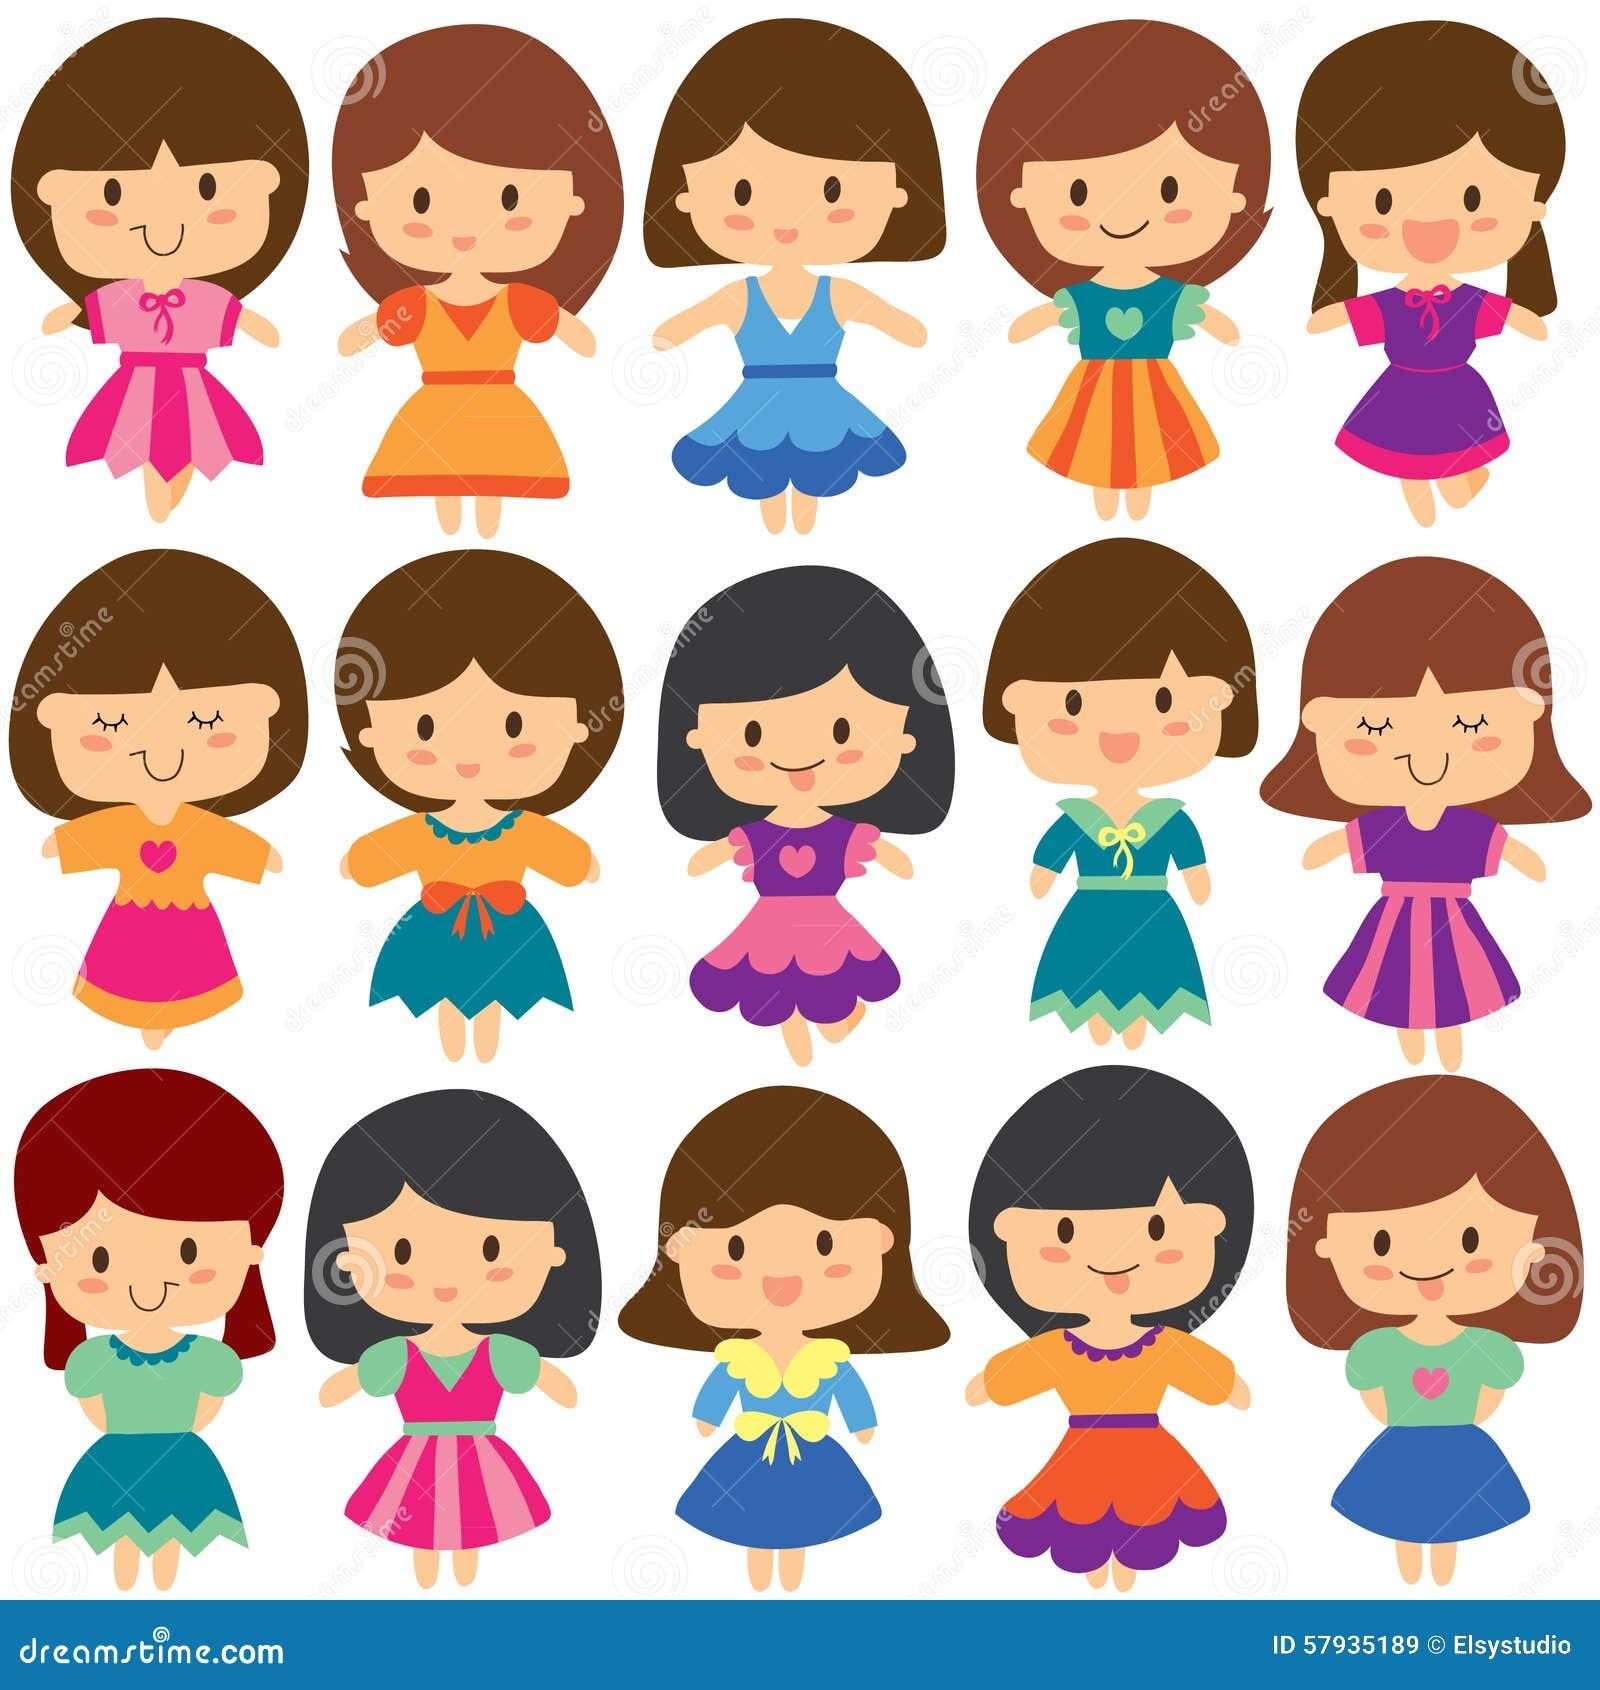 pretty girls clip art set stock vector illustration of friends rh dreamstime com clipart girl swimmer clipart girl skipping